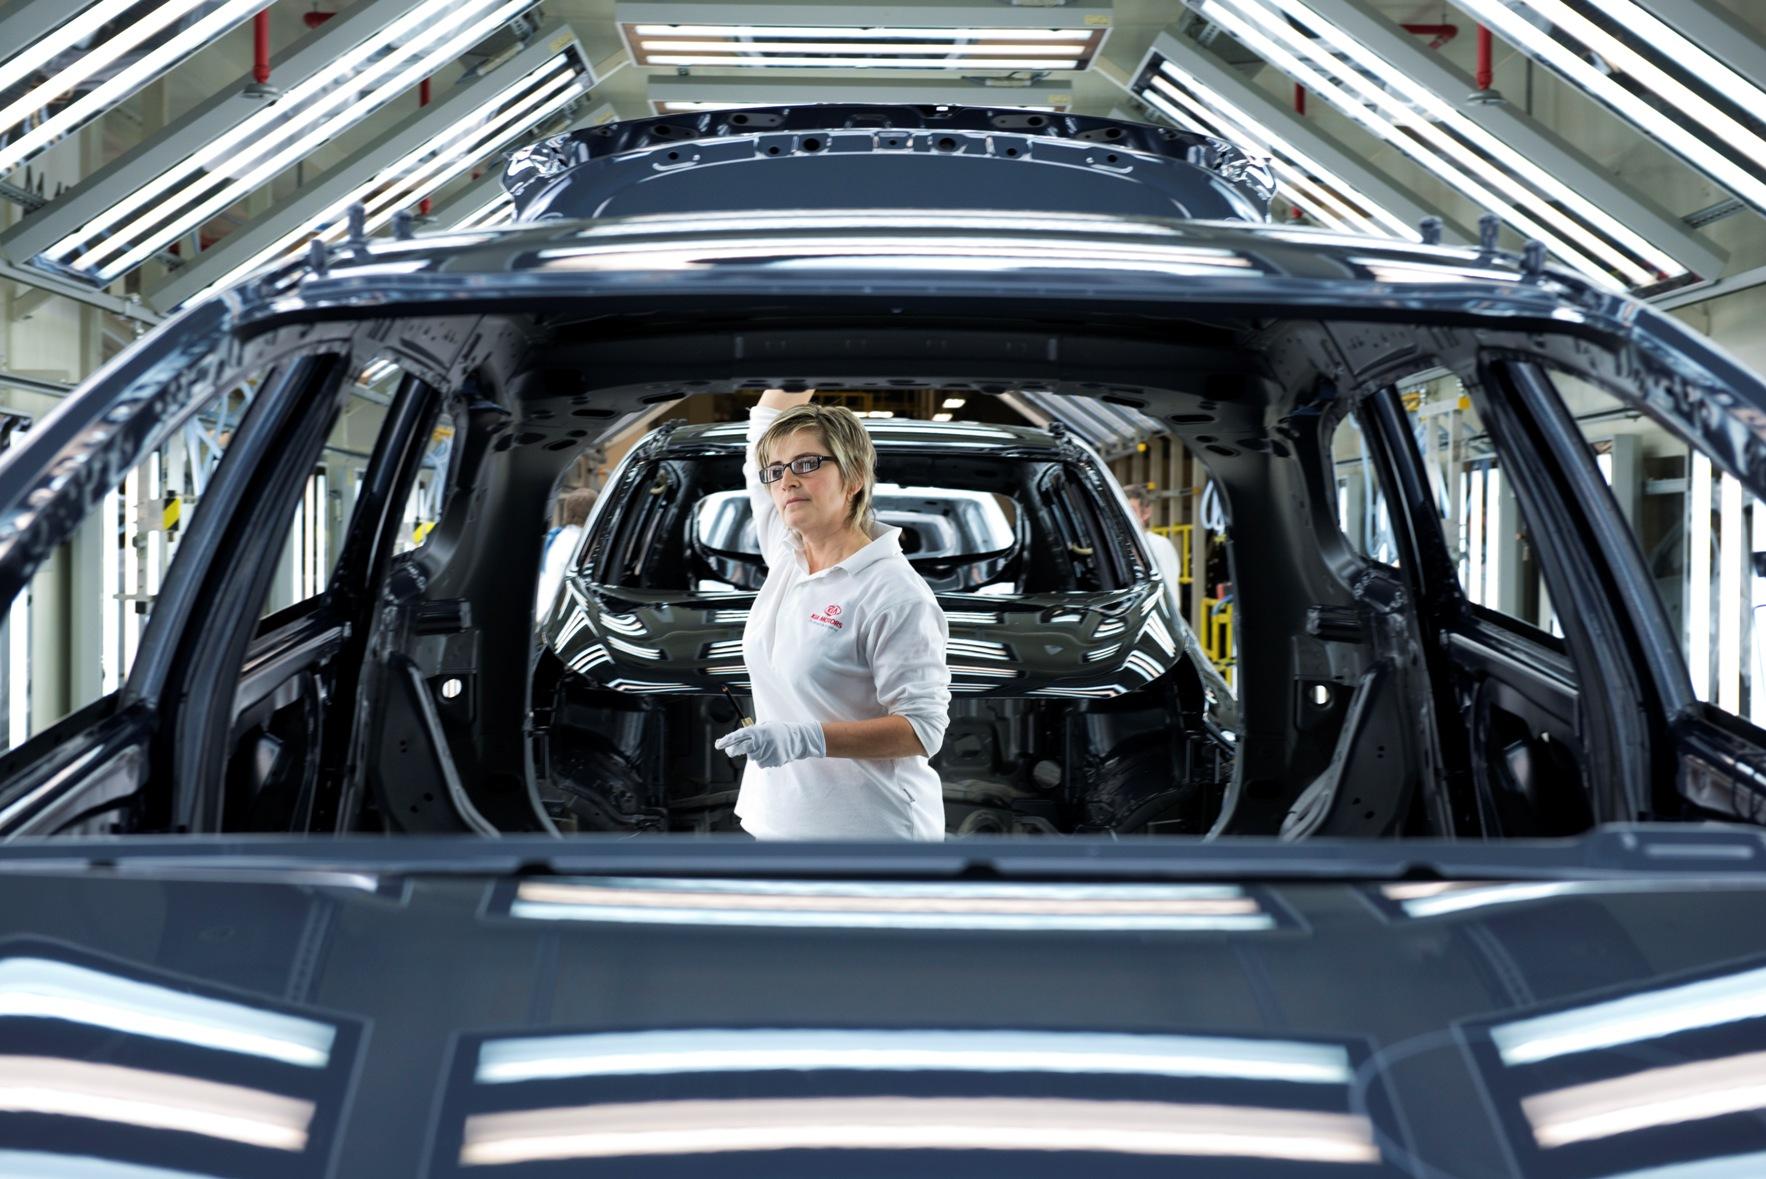 ВСловакии было произведено больше всего авто натысячу граждан